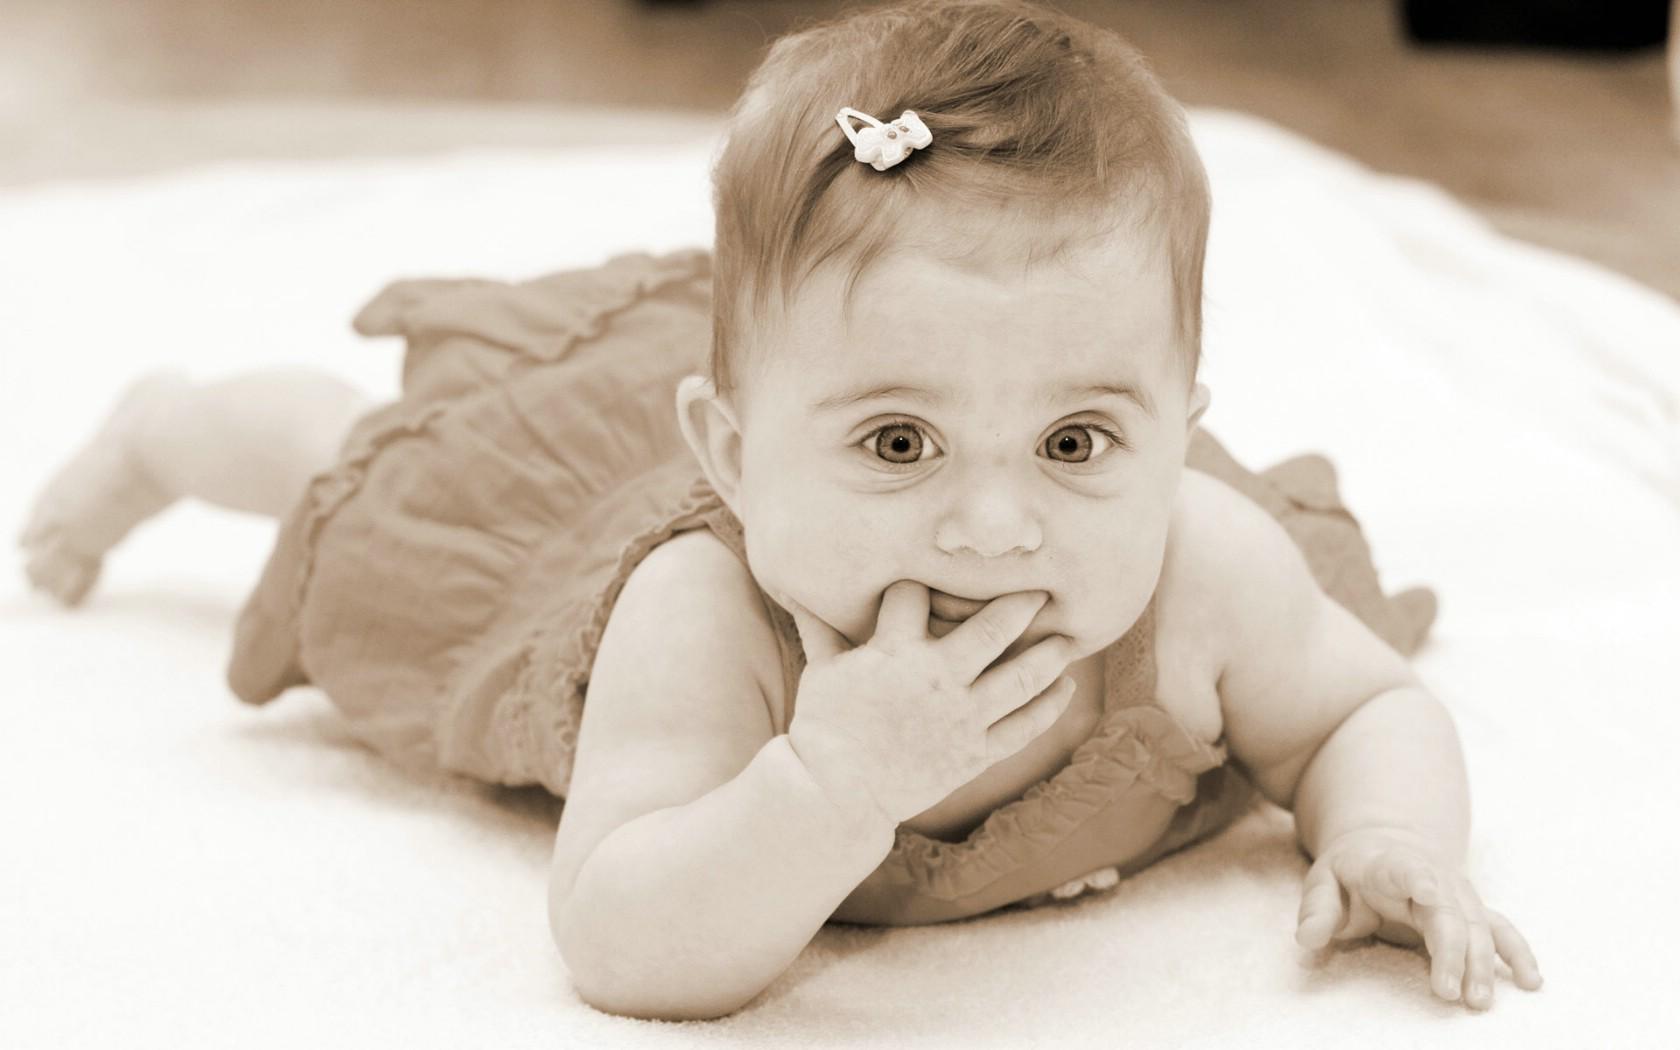 壁纸1680×1050人体艺术图片 婴儿 壁纸8壁纸 人体艺术图片(婴儿)壁纸图片系统壁纸系统图片素材桌面壁纸